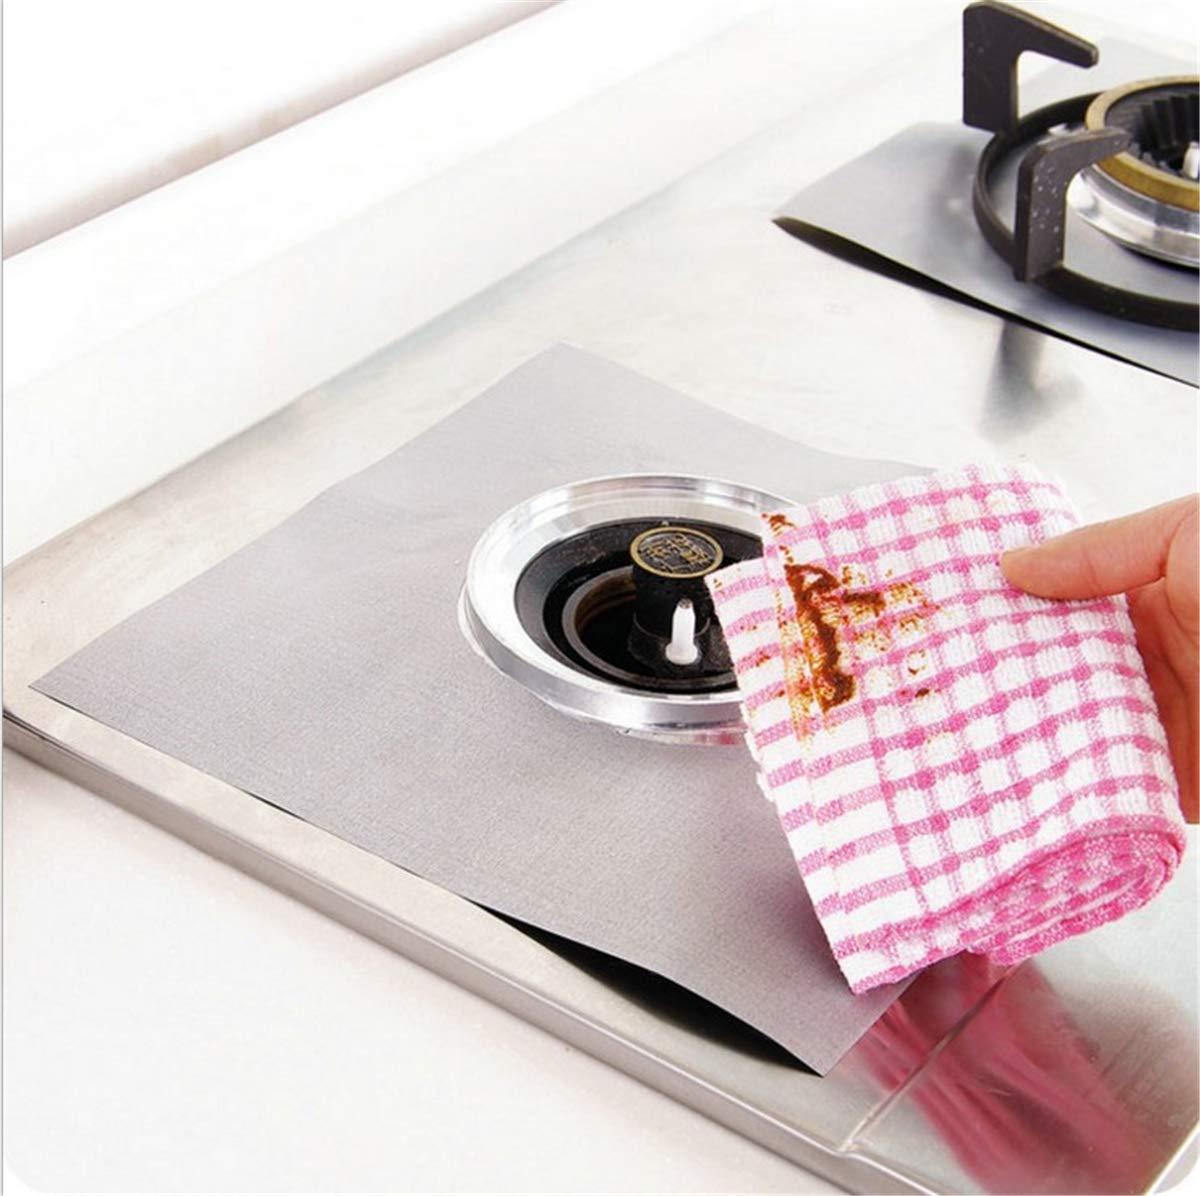 10.6x10.6 Plateado BrilliantDay Protectoras para Hornillos de Gas Limpieza de Herramientas de Cocina,Forro Protector de Cocina de Gas 8 PCS Protectores Antiadherentes Estufa a Gas